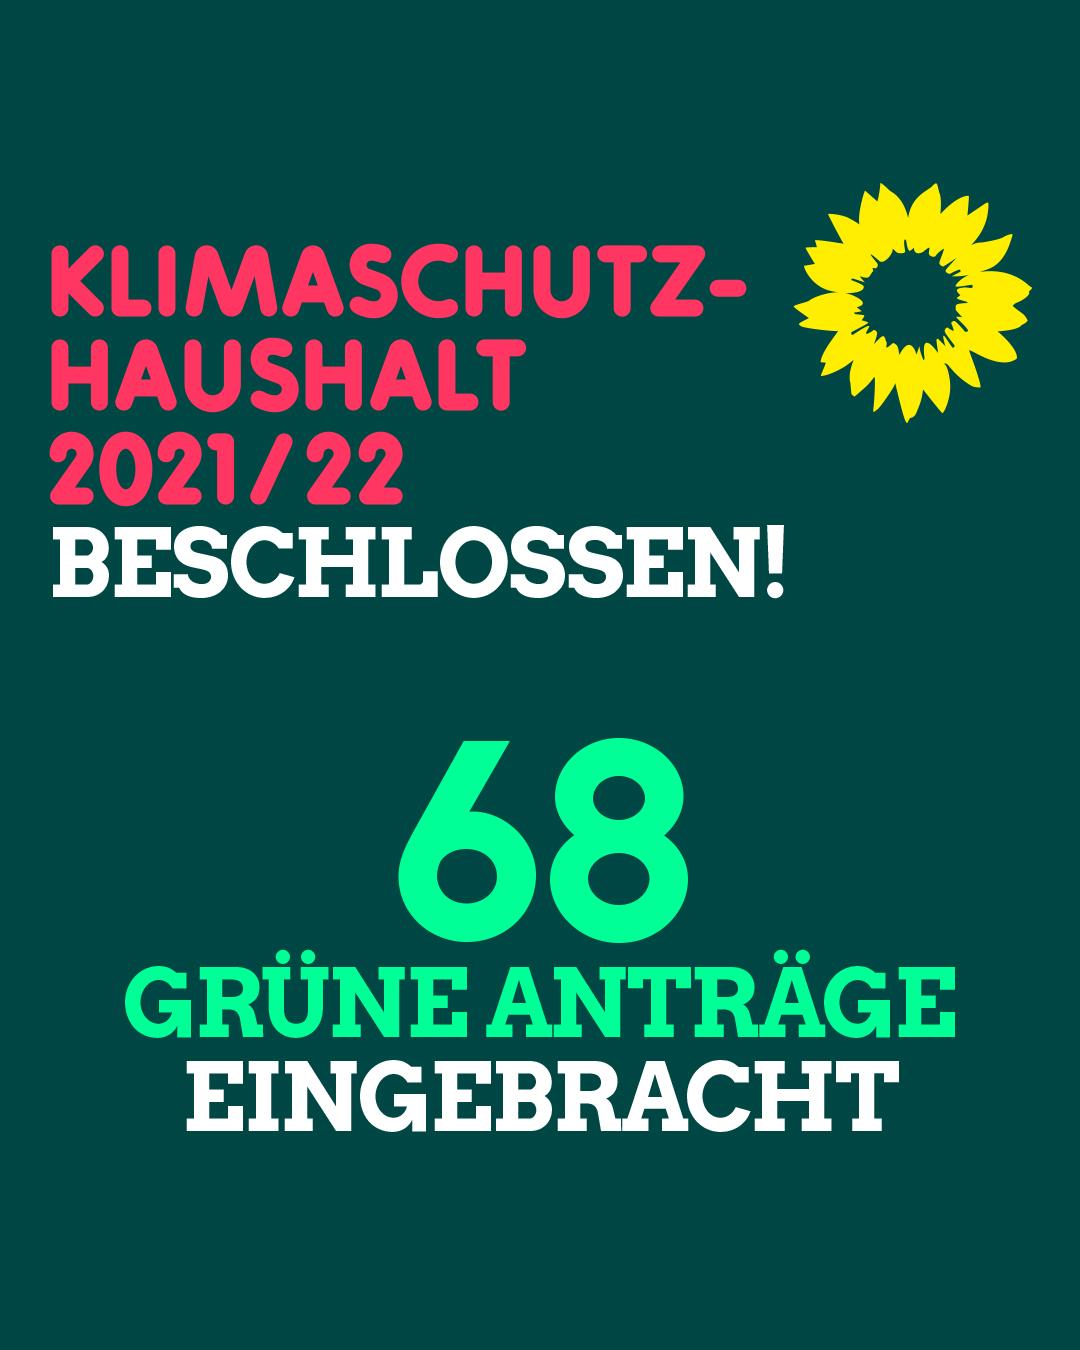 GRUENE-HD_Klimaschutzkampagne-2021_S-M_Klimaschutzhaushalt-02_21_06_rz